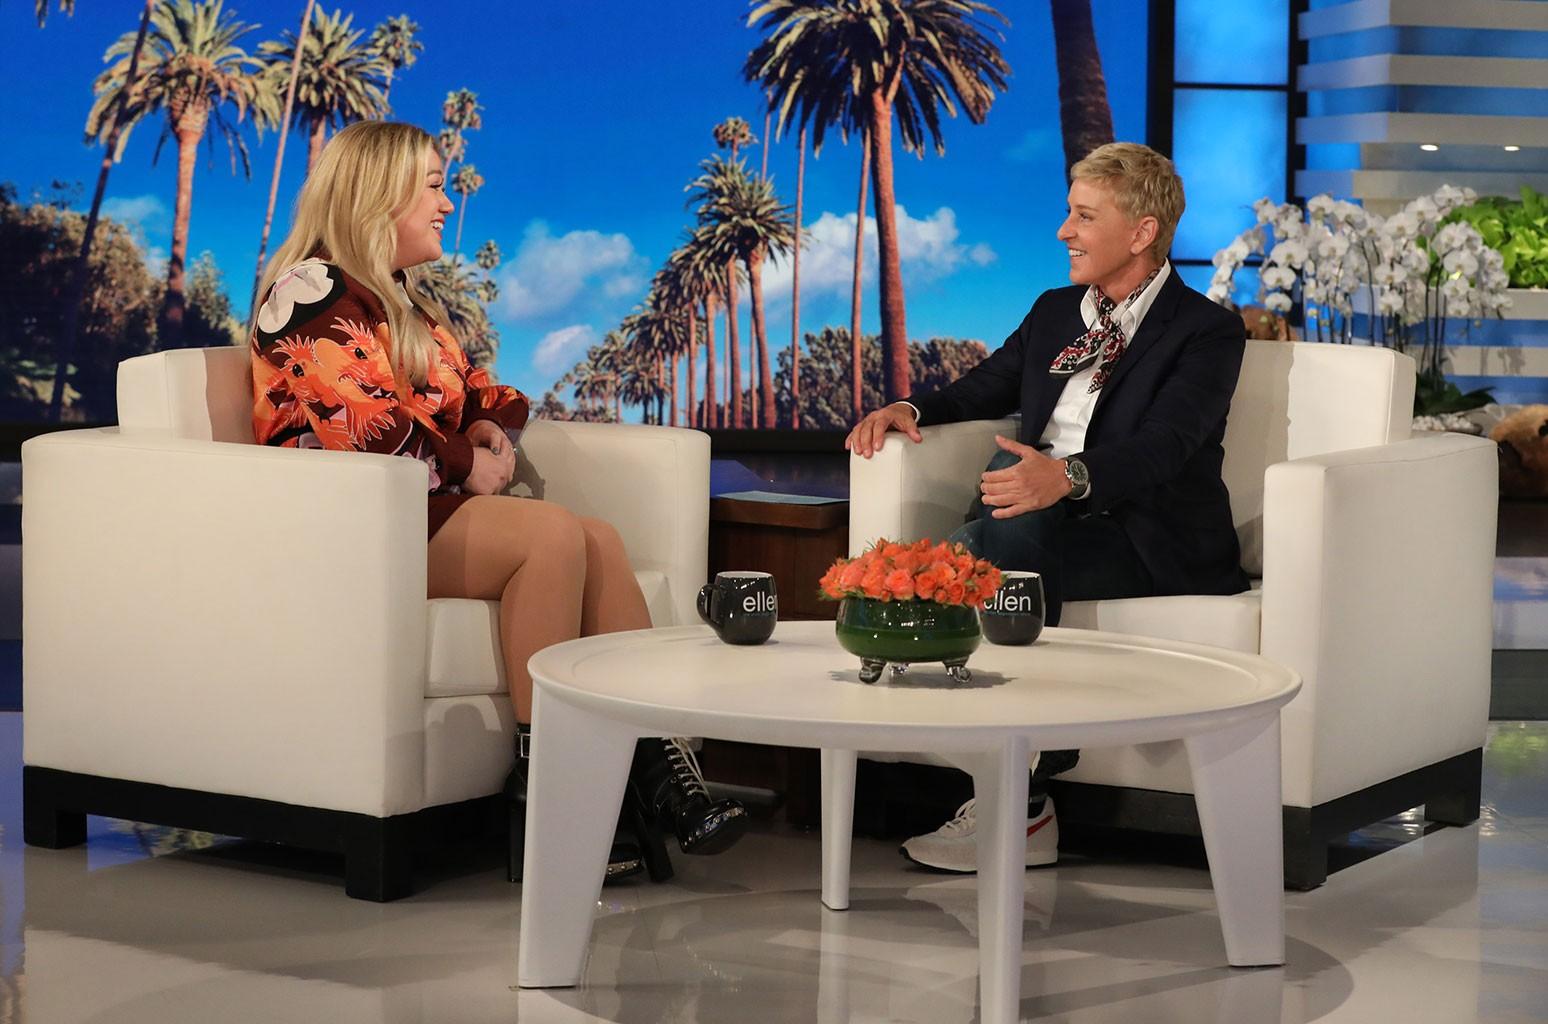 Kelly Clarkson on The Ellen DeGeneres Show on Sept. 16, 2019.